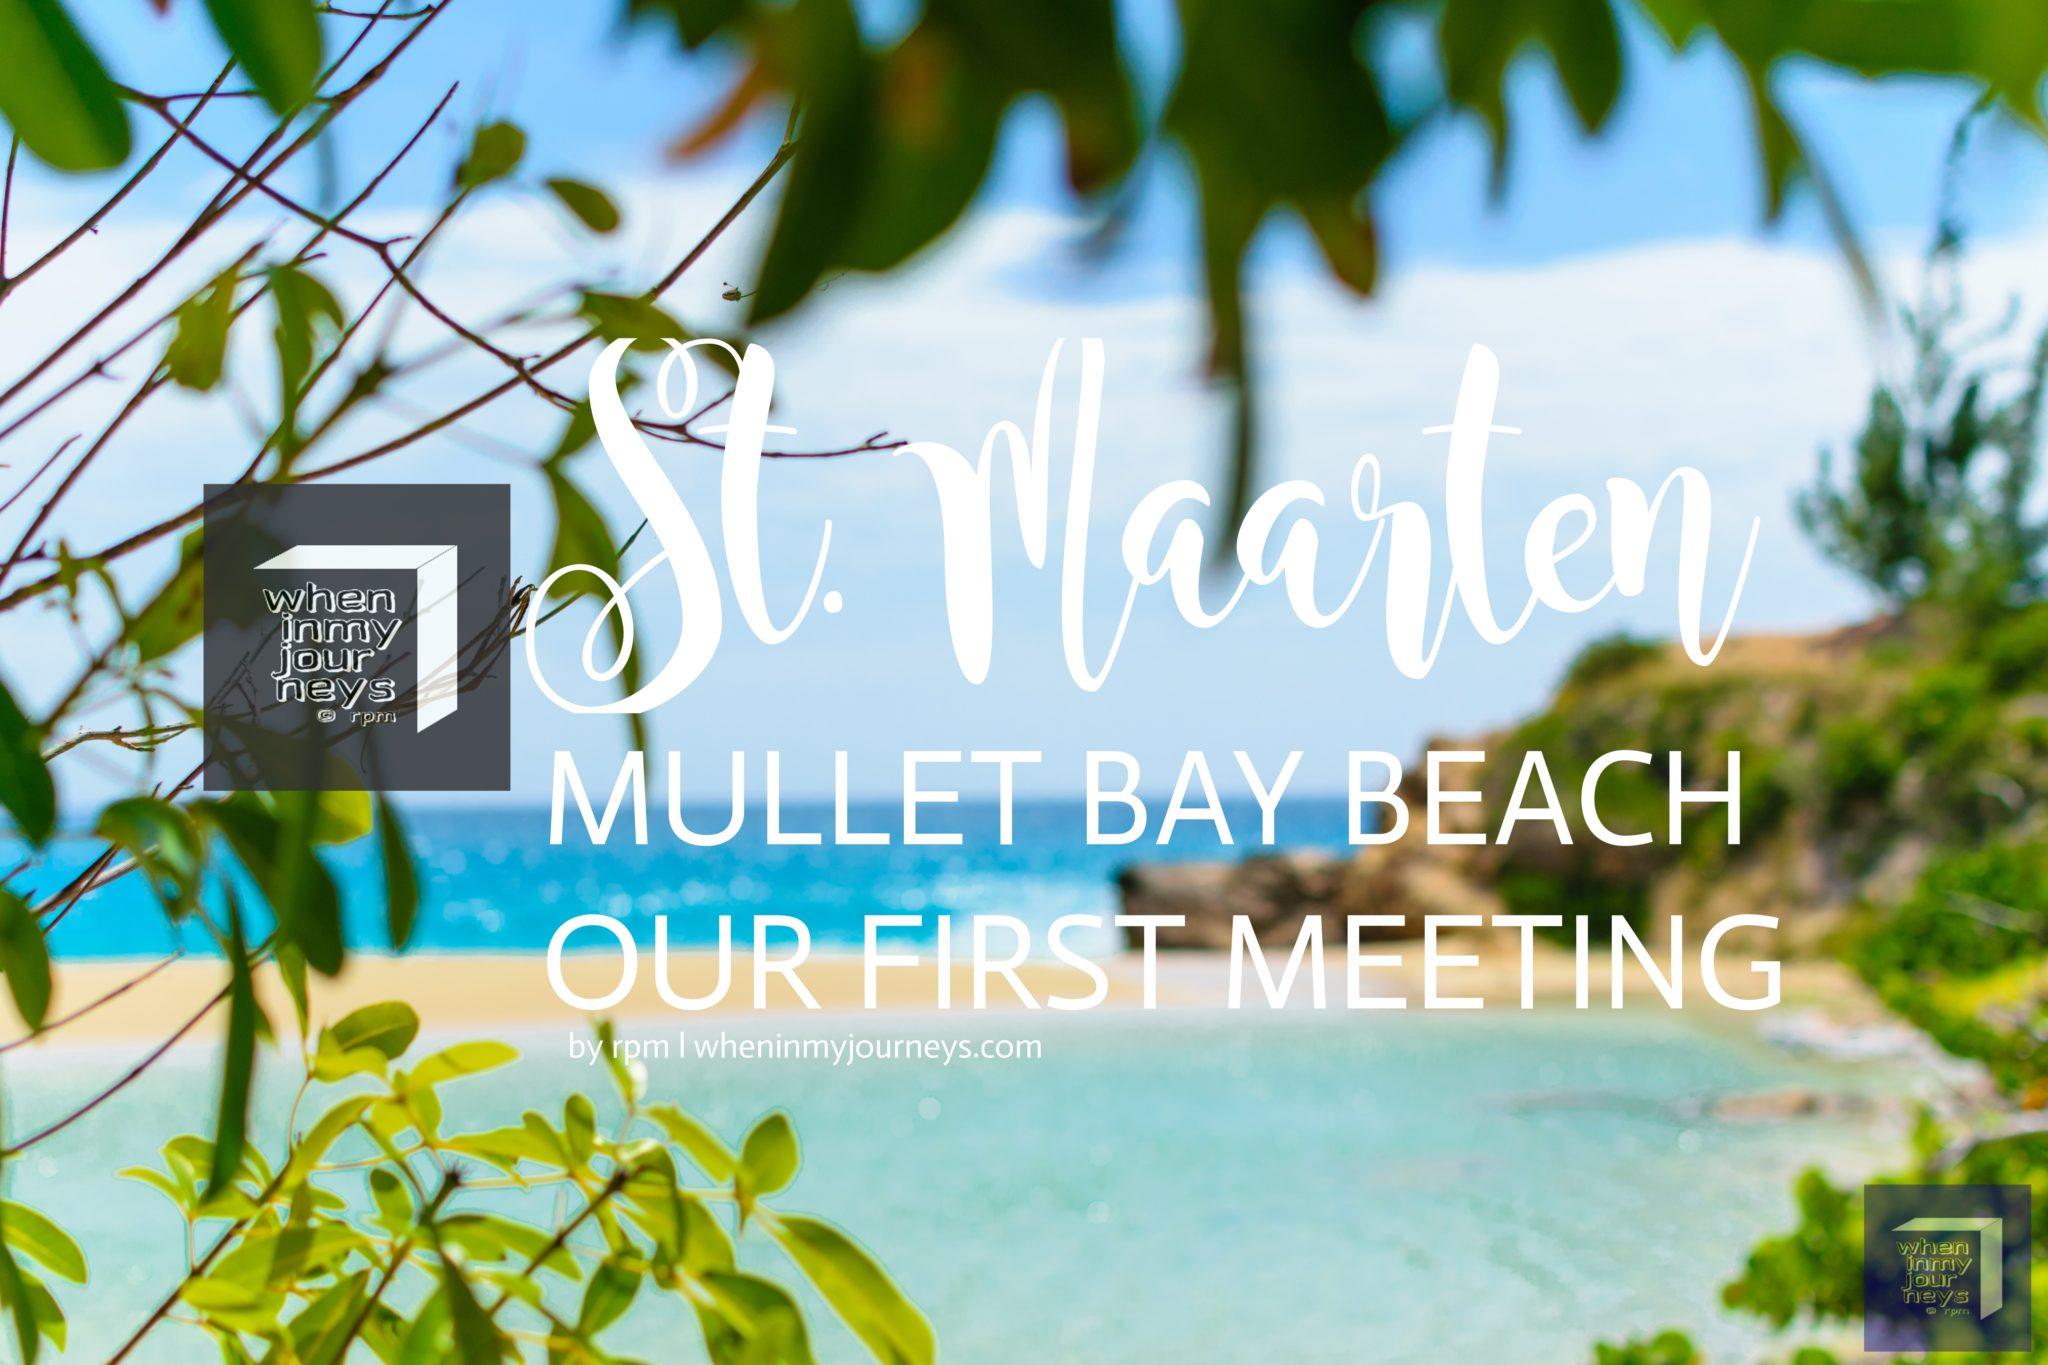 St. Maarten Mullet Bay Beach Our First Meeting